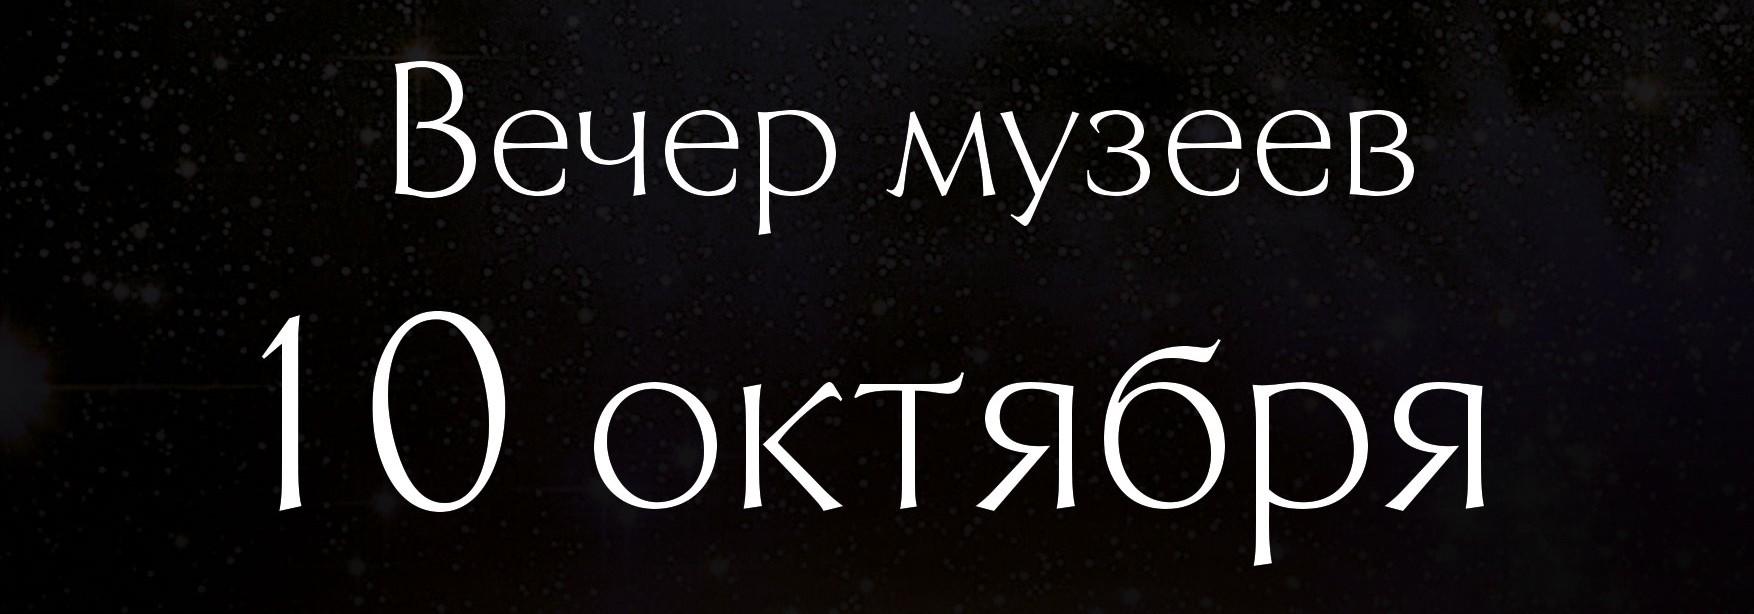 Вечер музеев - афиша баннер